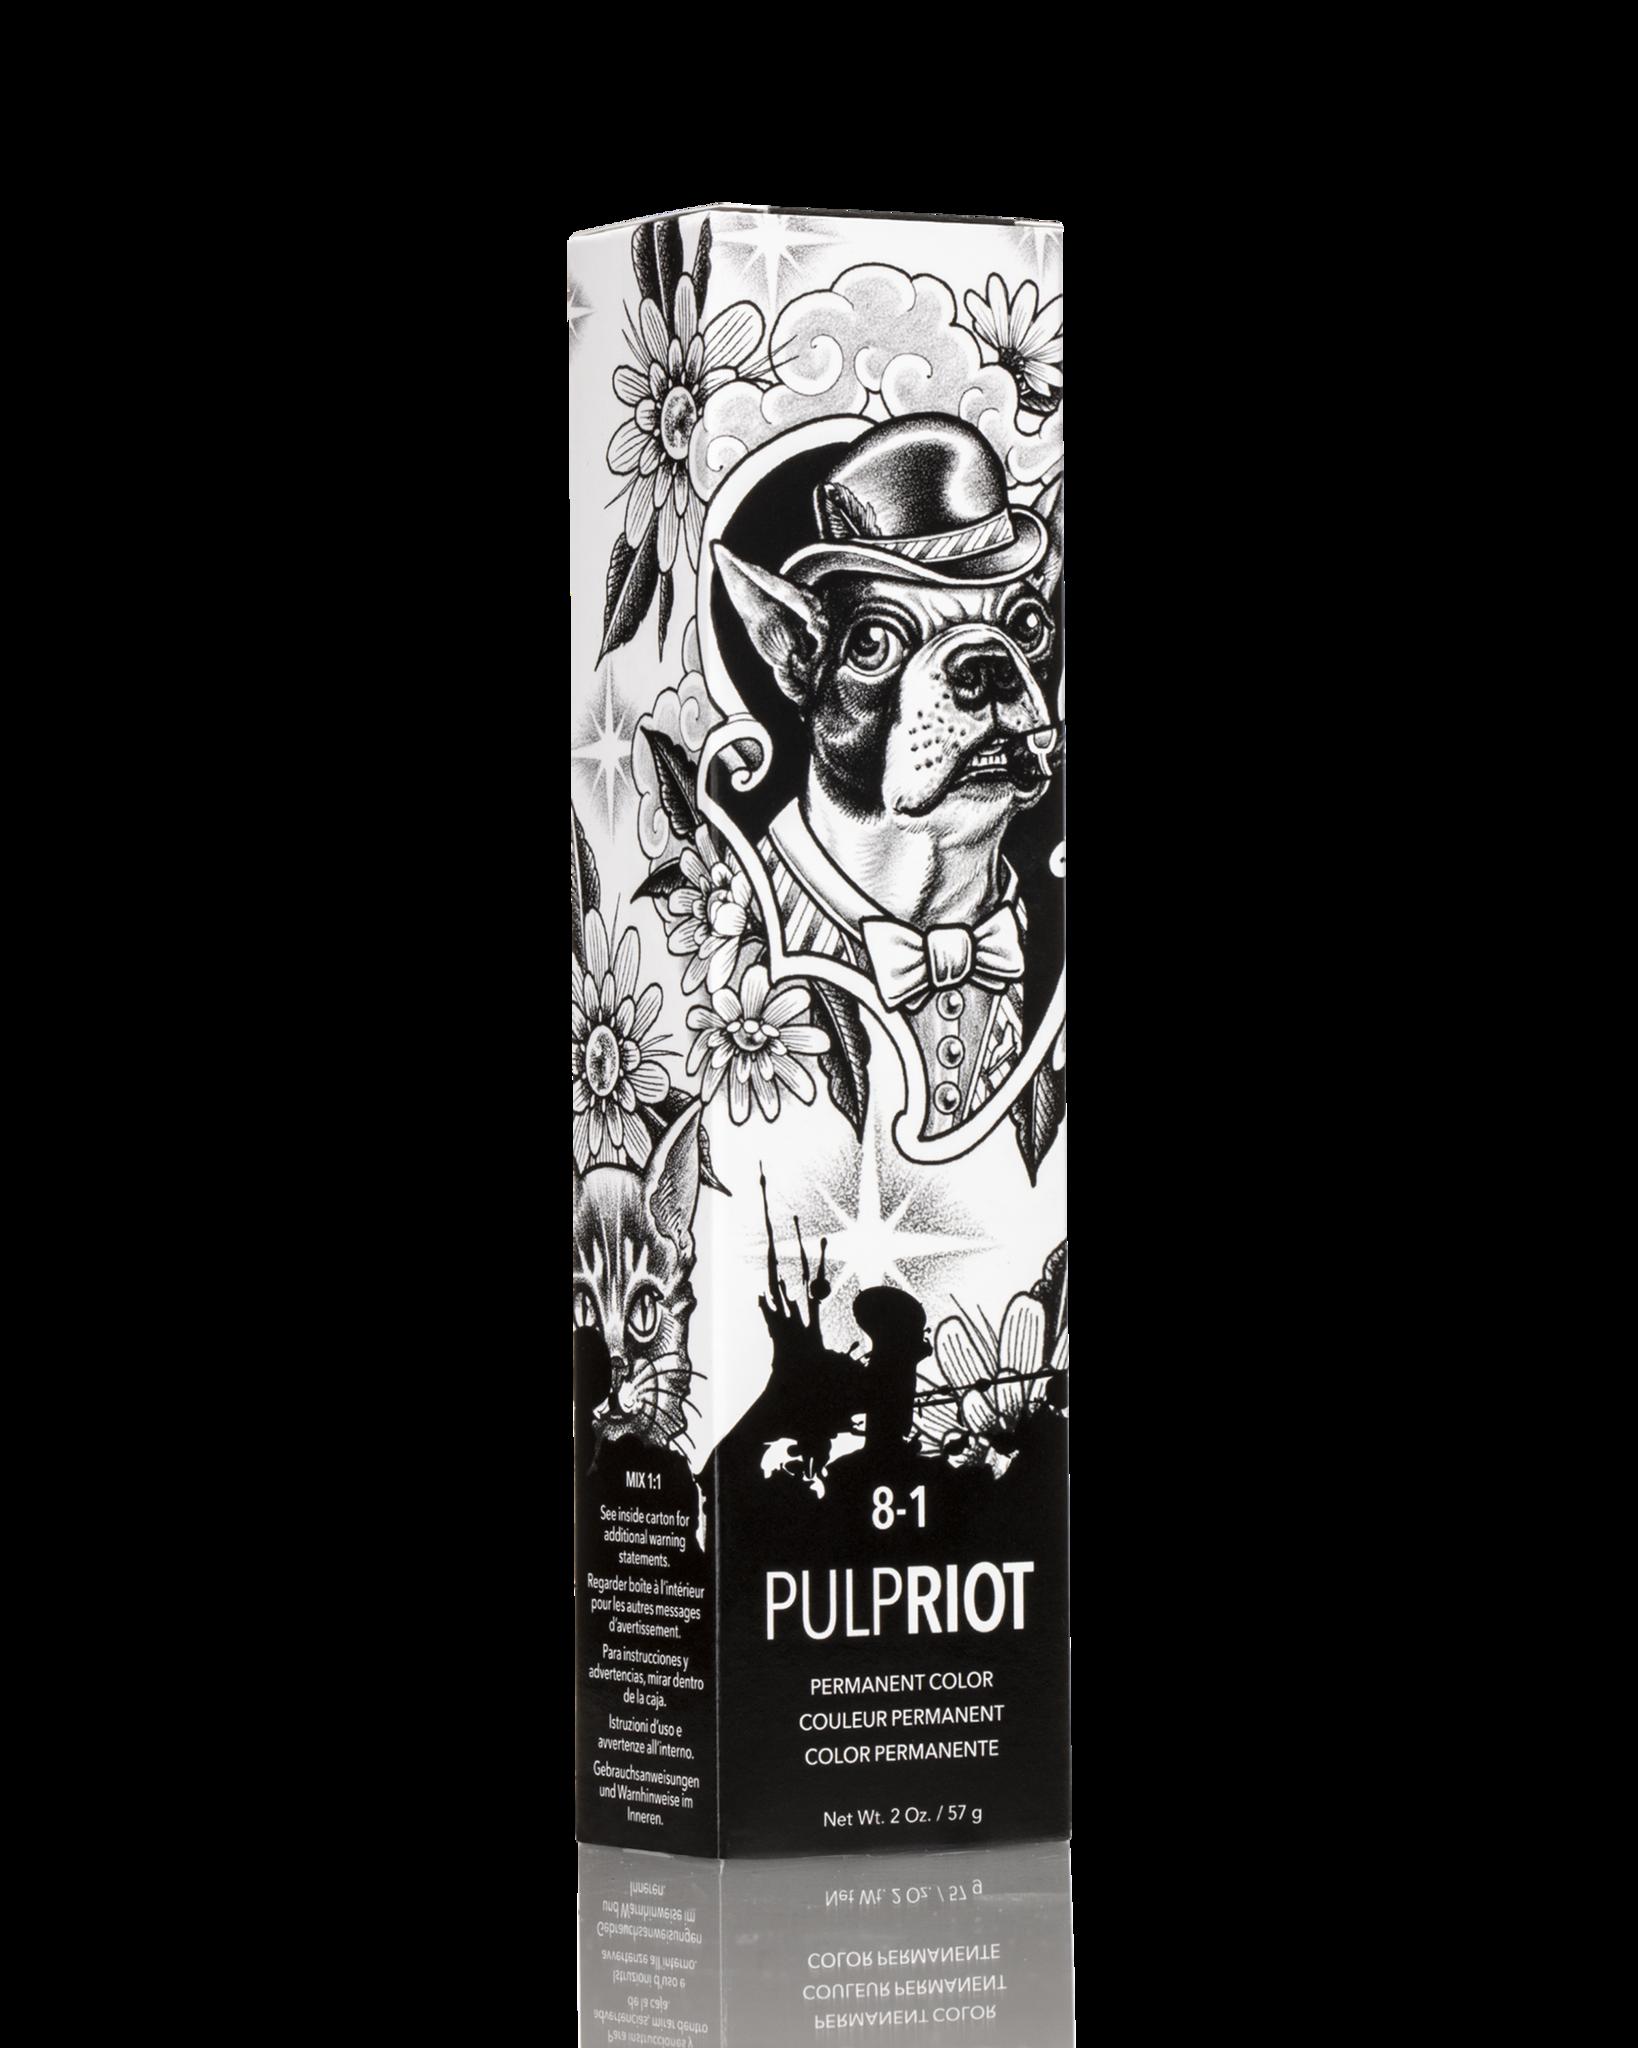 Pulp Riot PULP RIOT FACTION 8 CENDRÉ/ASH 8-1